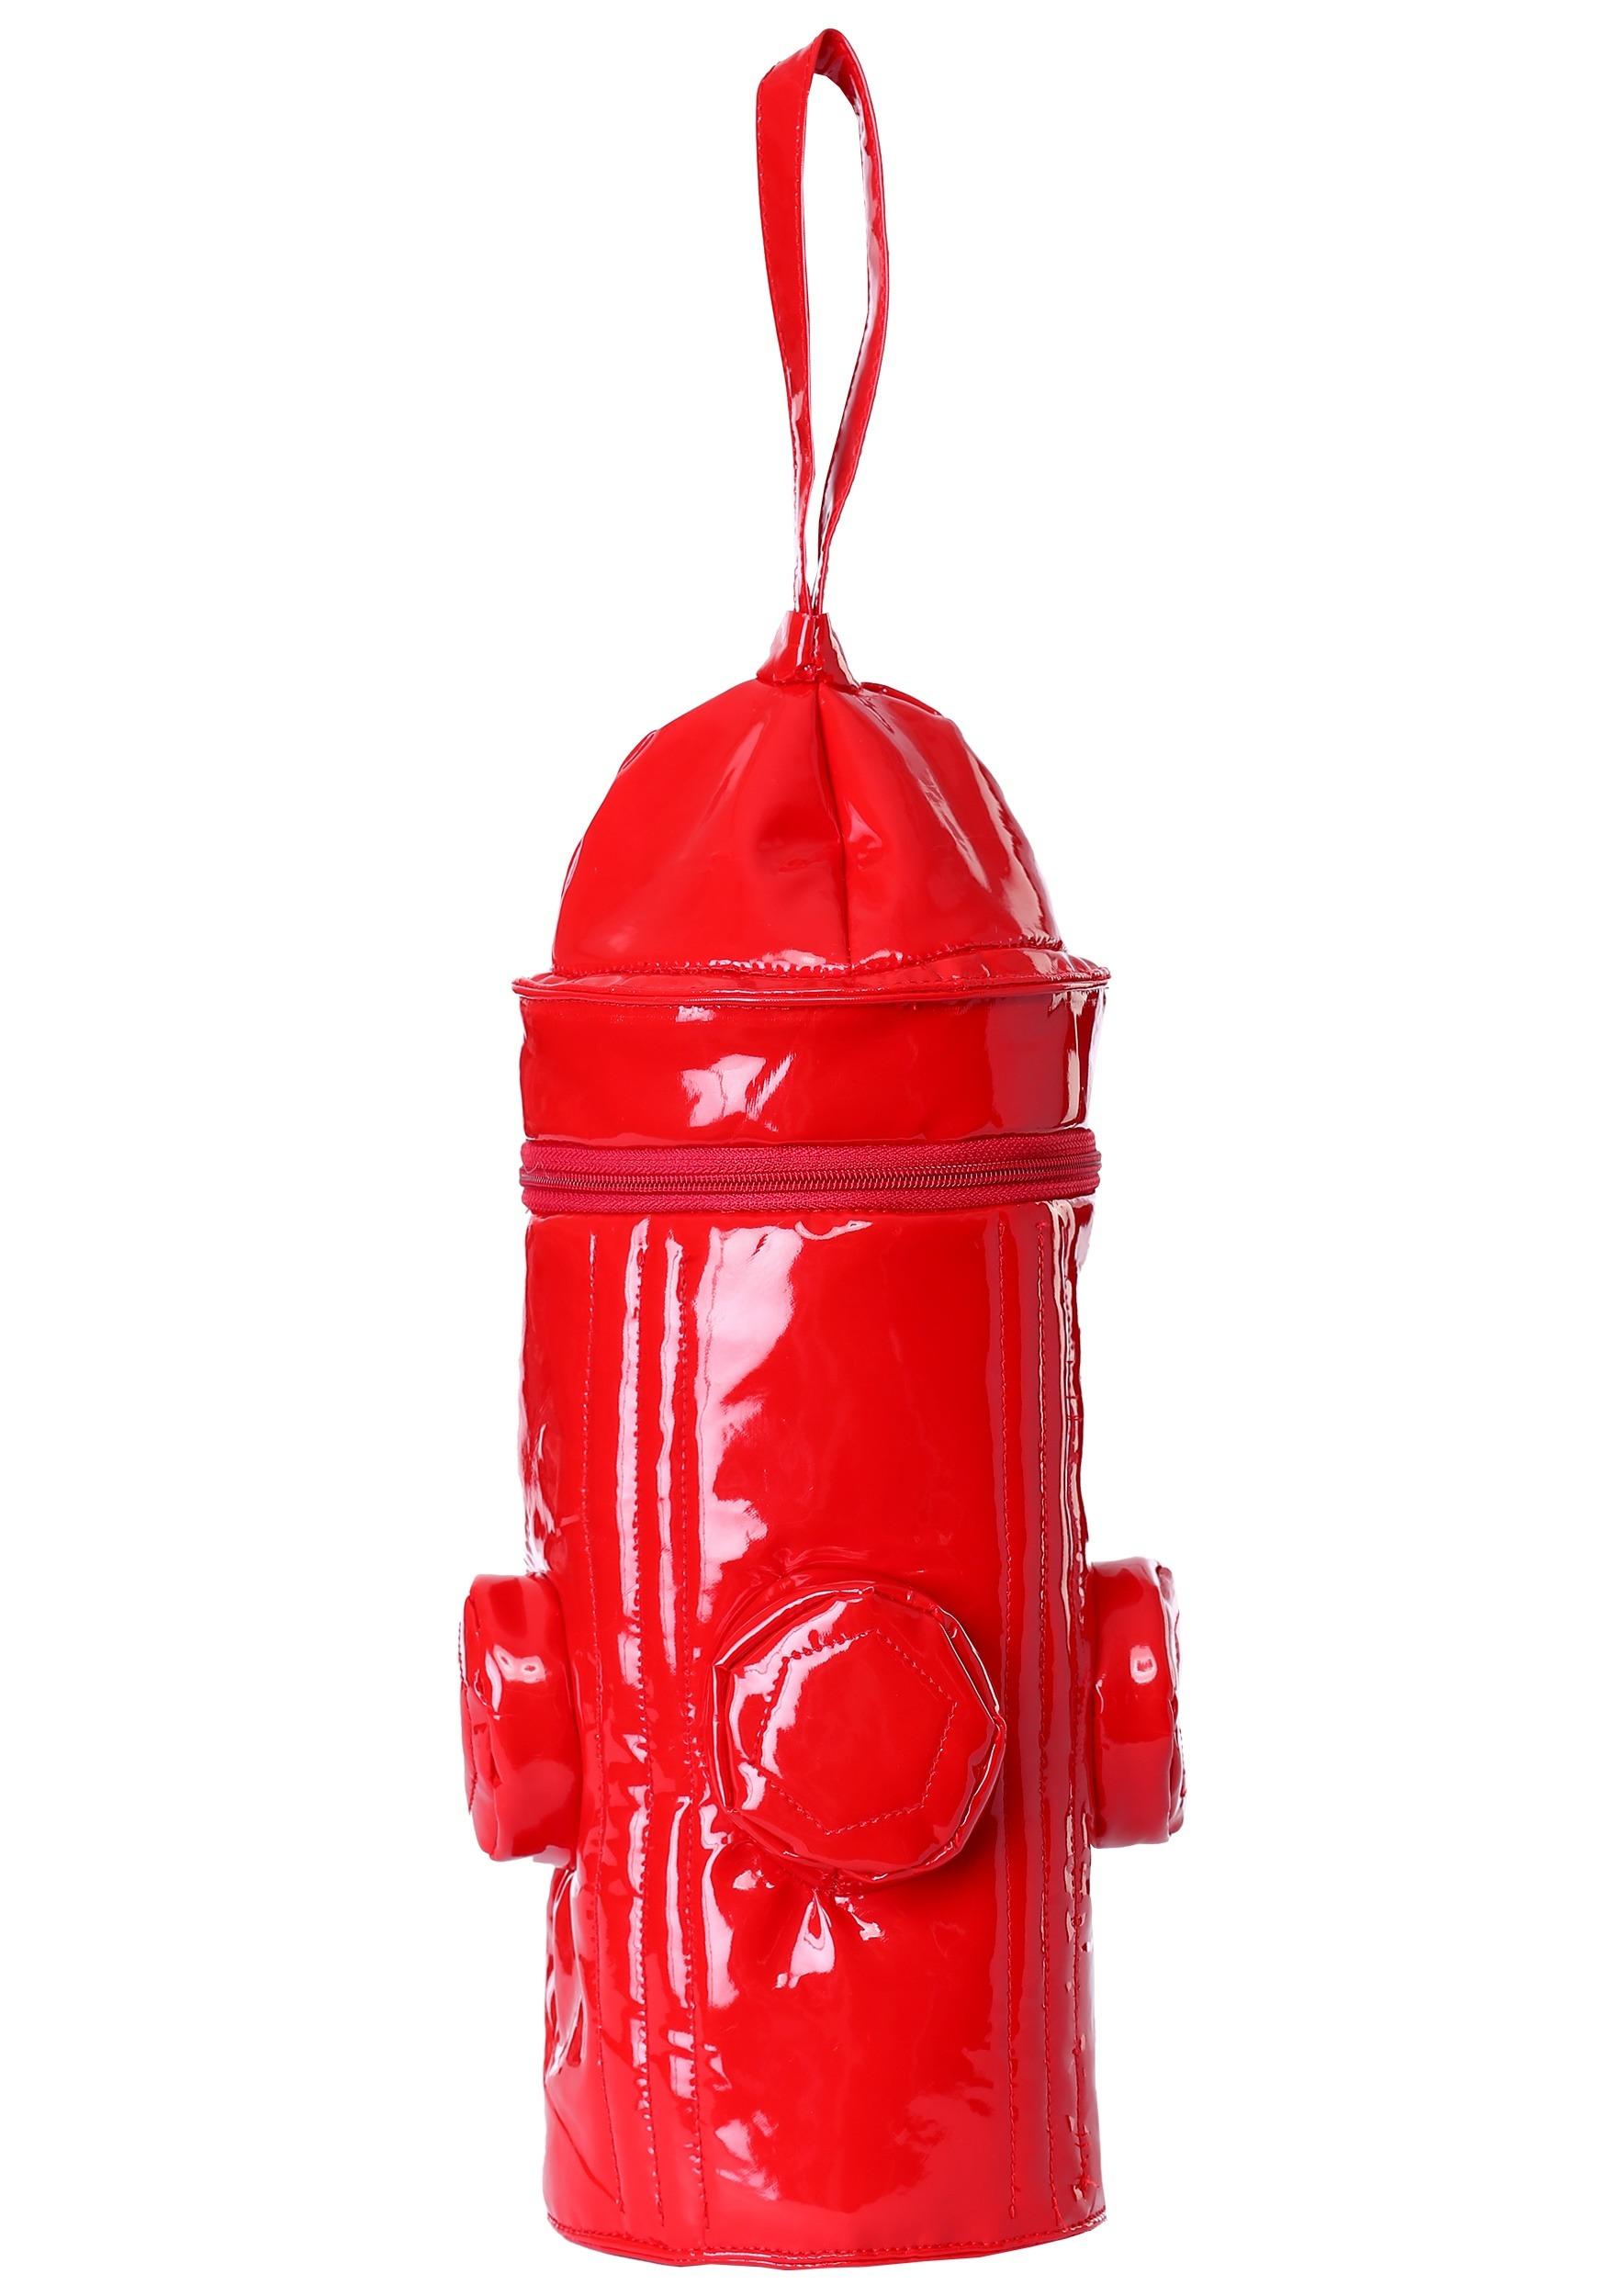 Red Fire Hydrant Purse (FUN4068-ST FUN4068) photo